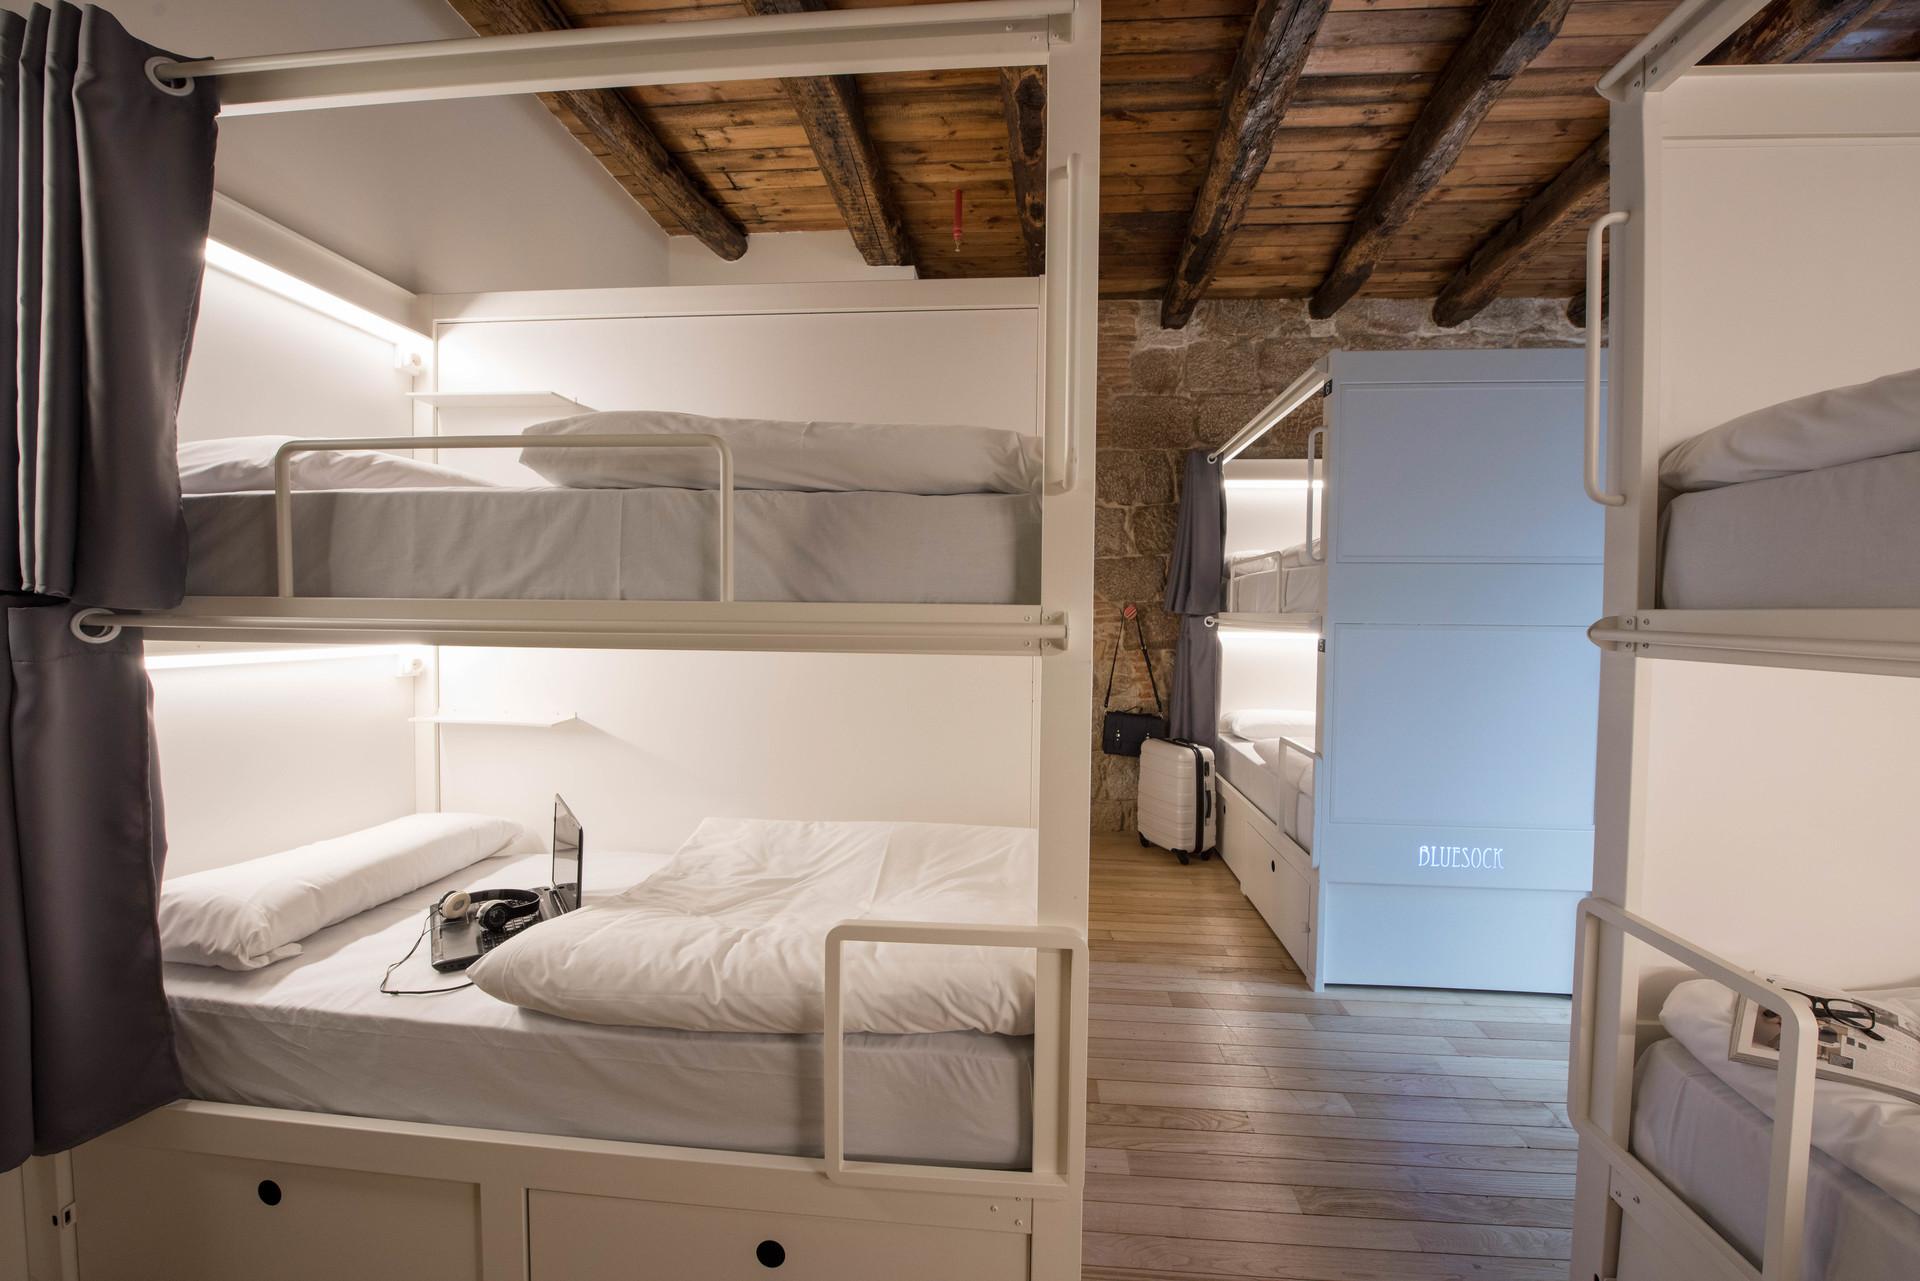 Cama individual en habitacin con literas  Alquiler habitaciones Oporto